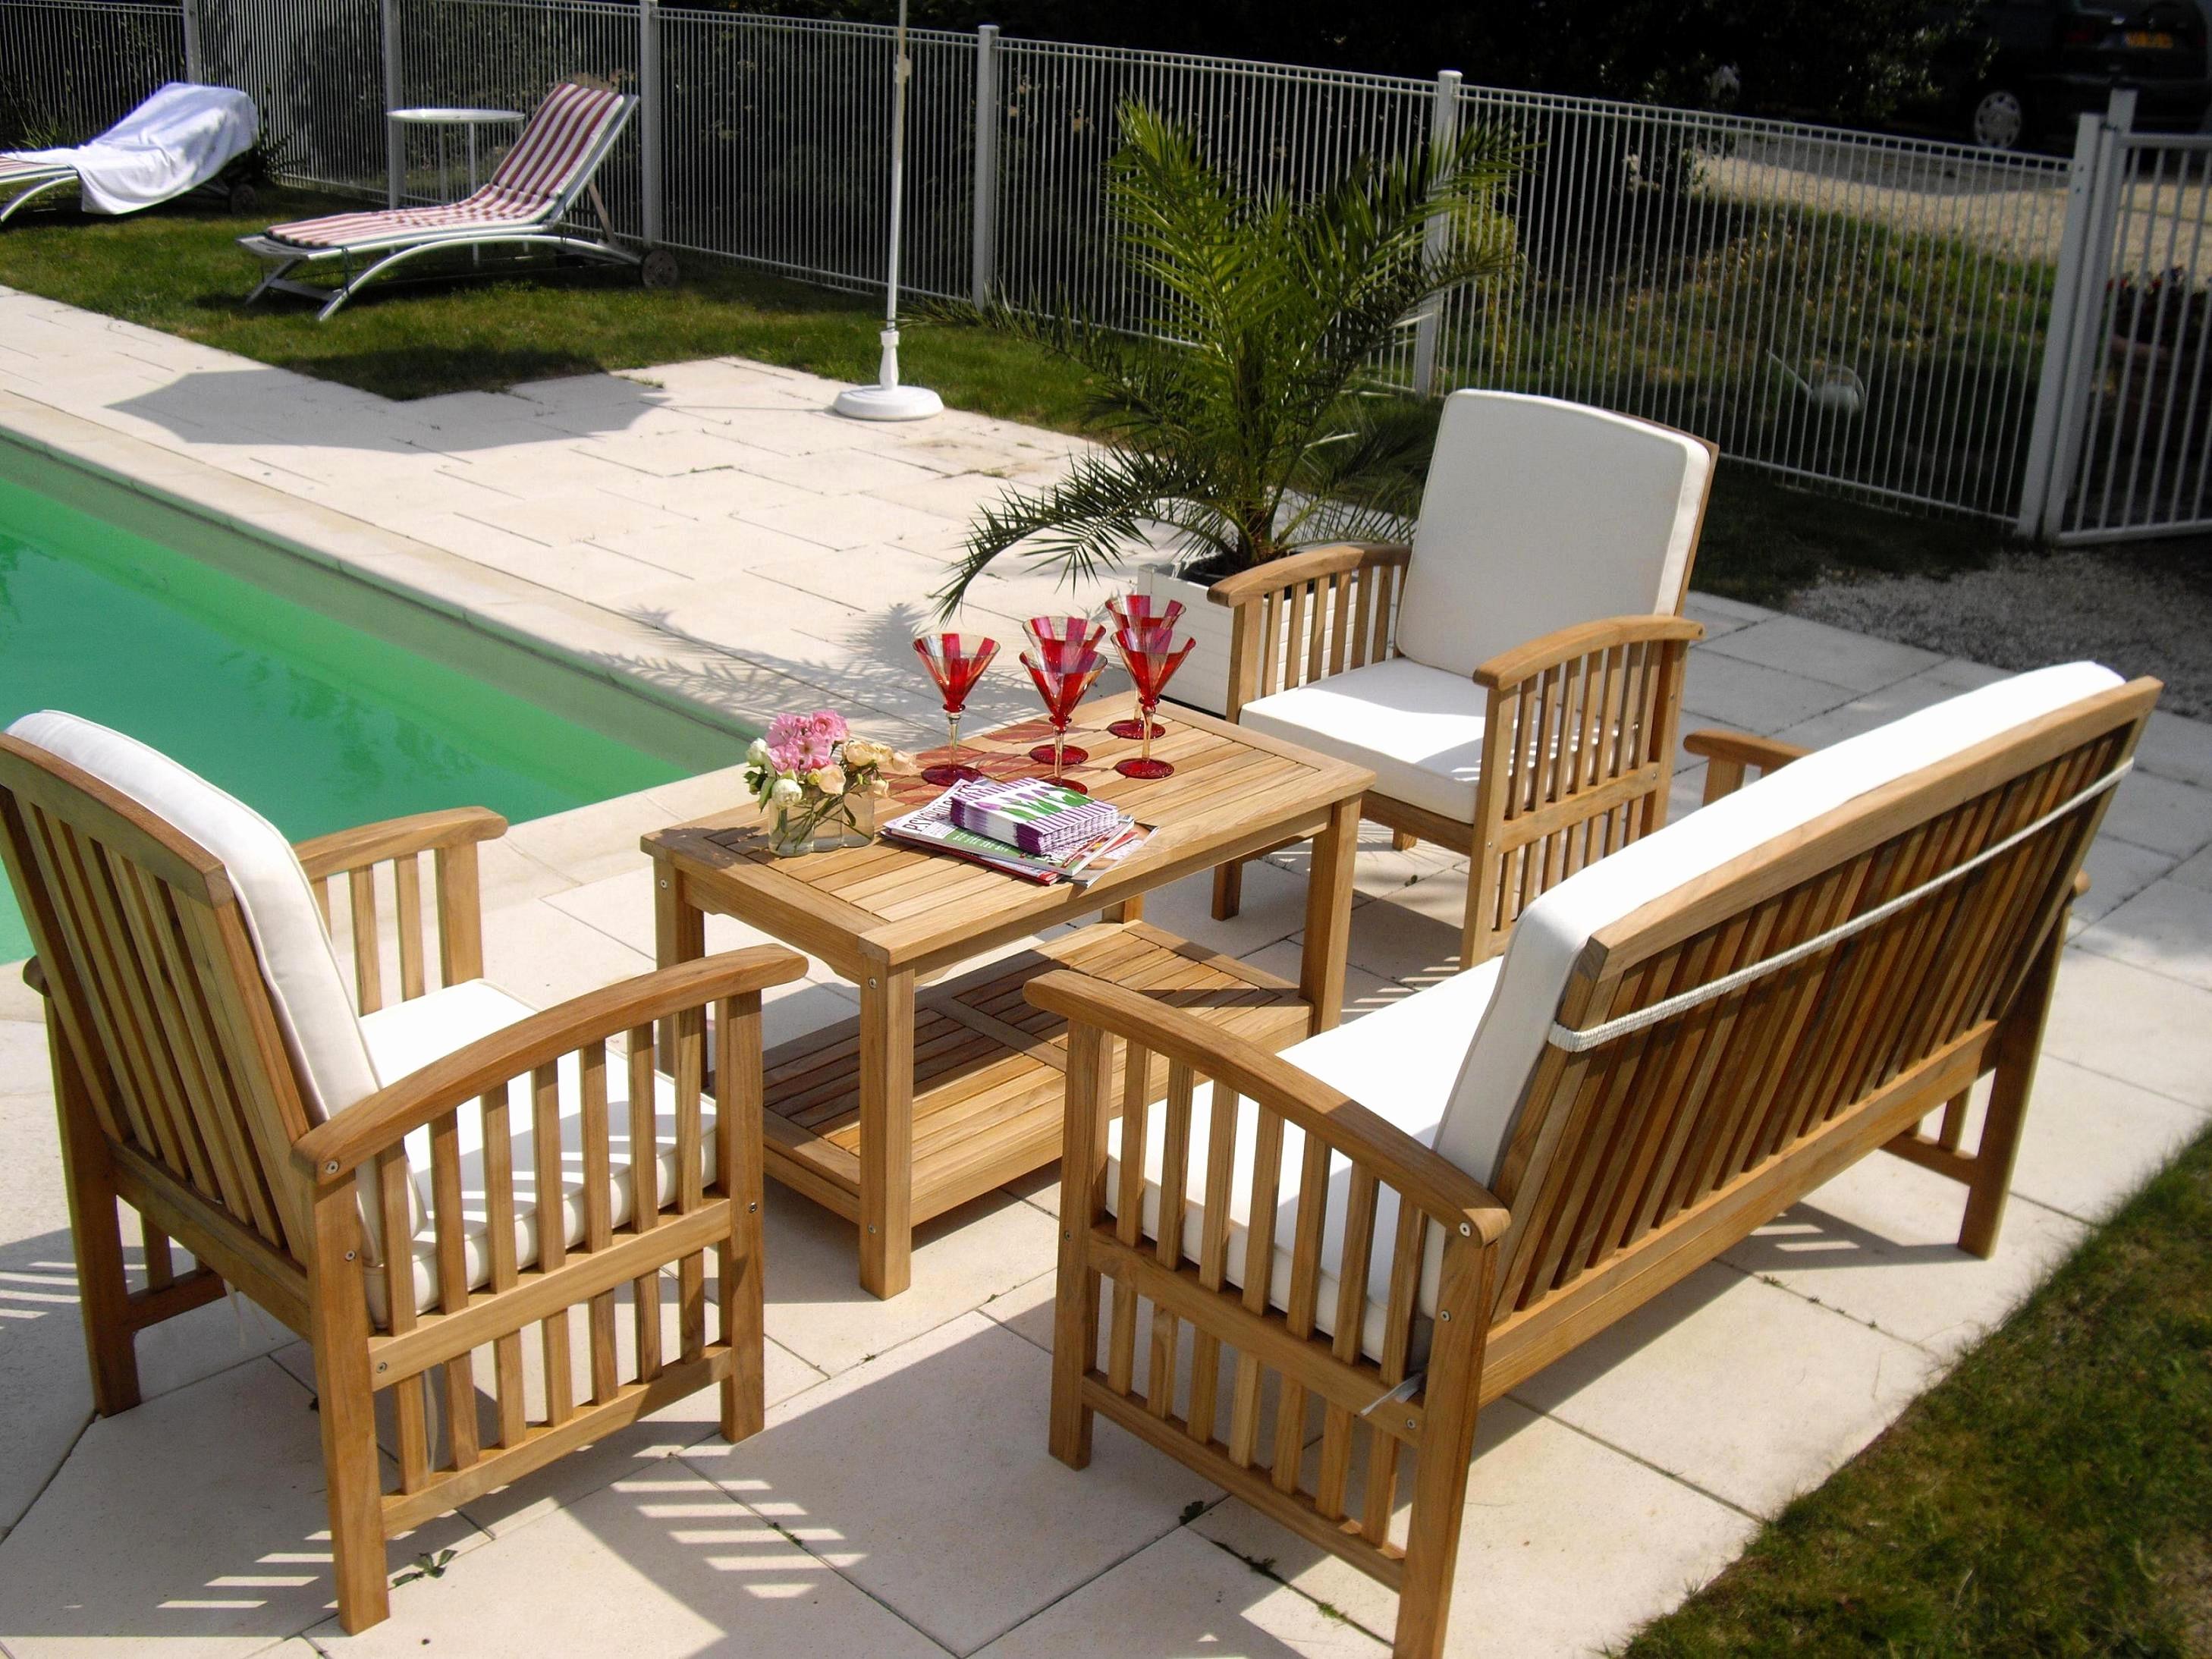 Salon De Jardin Resine Pas Cher Leclerc Beau Photos Salon Jardin Pas Cher Leclerc Pour Conventionnel Chaise De Jardin